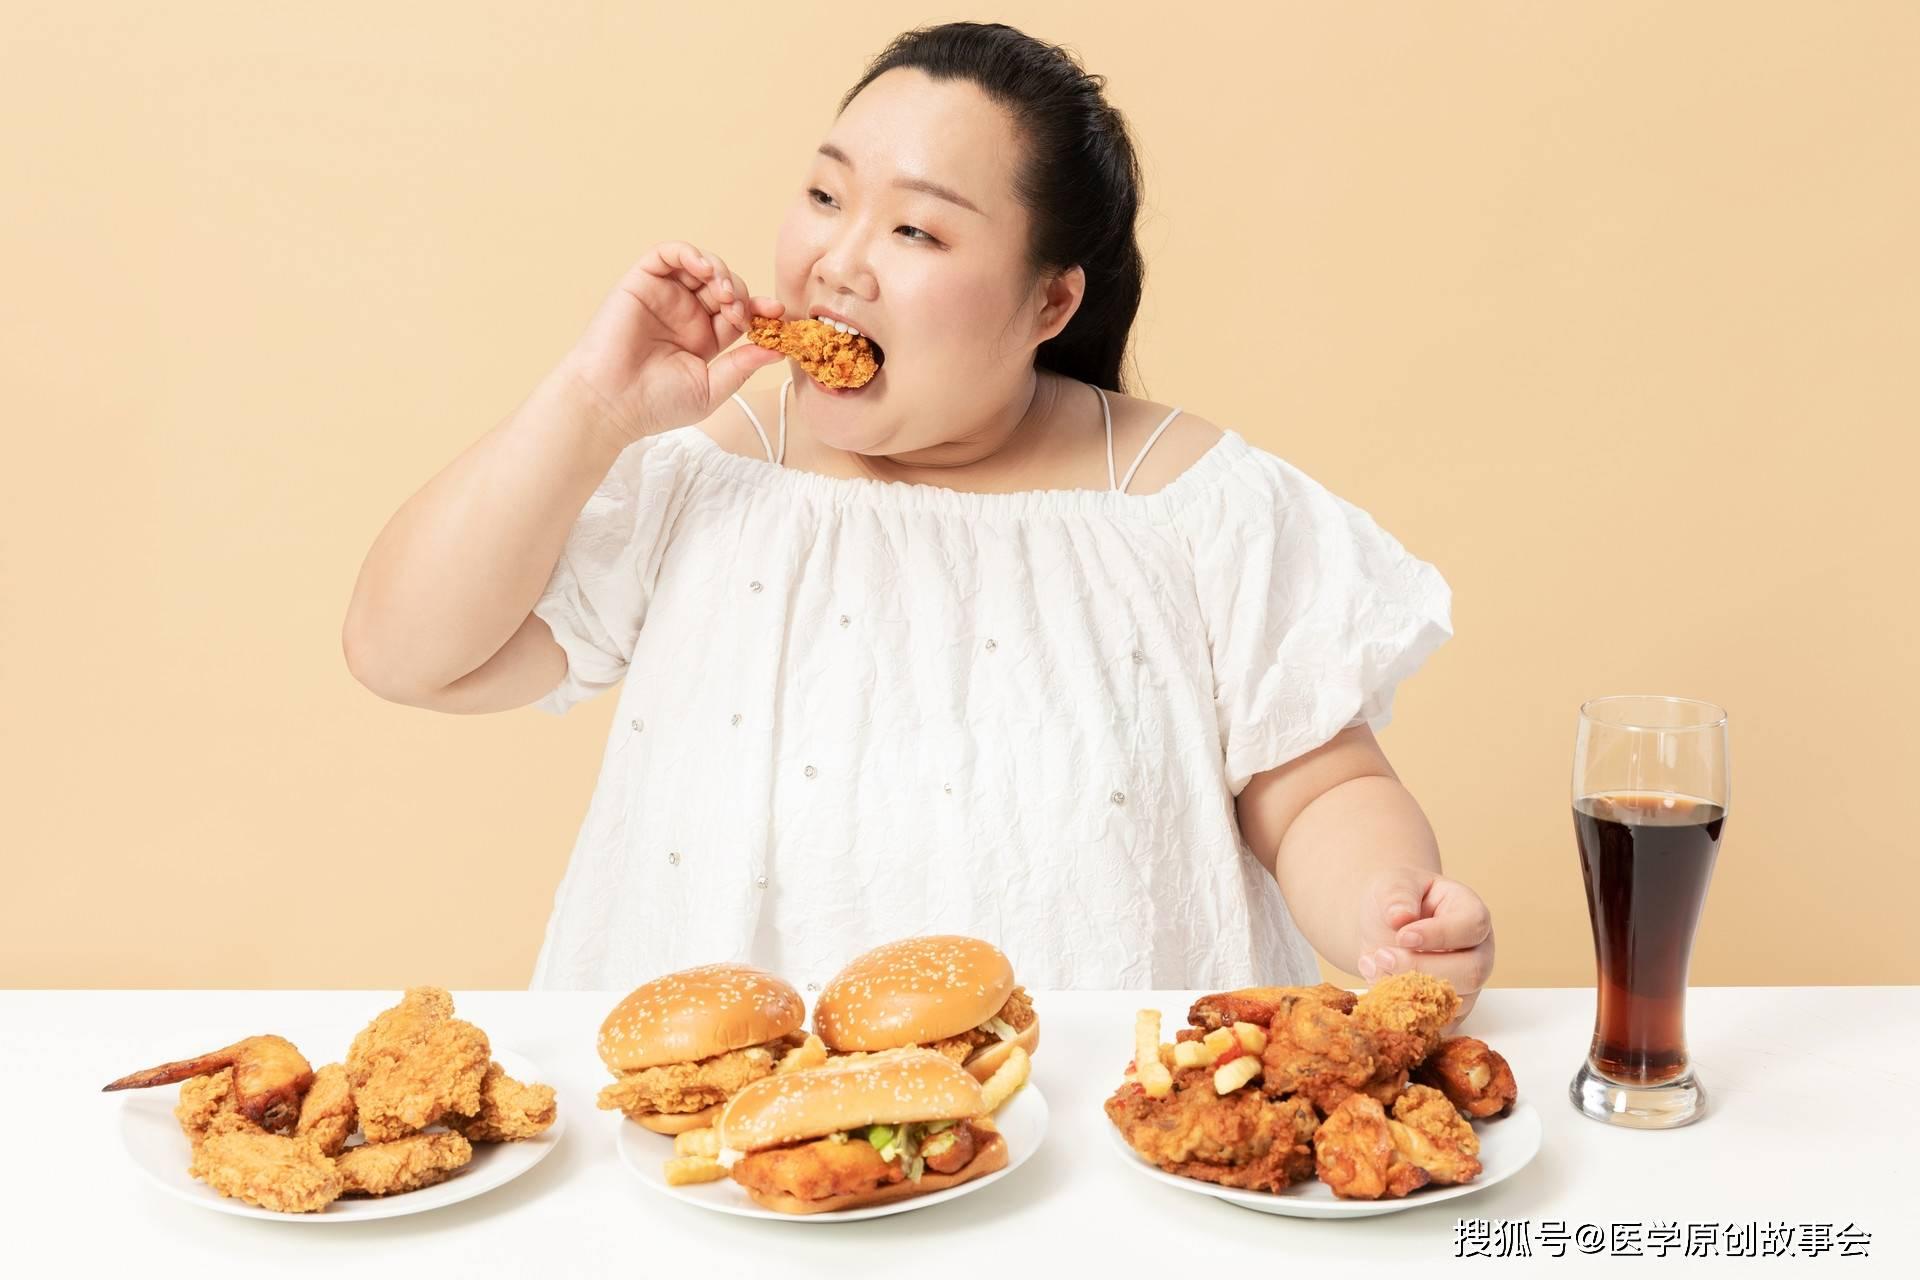 体检发现尿酸升高,三种食物一定要戒掉,痛风离你仅一步之遥